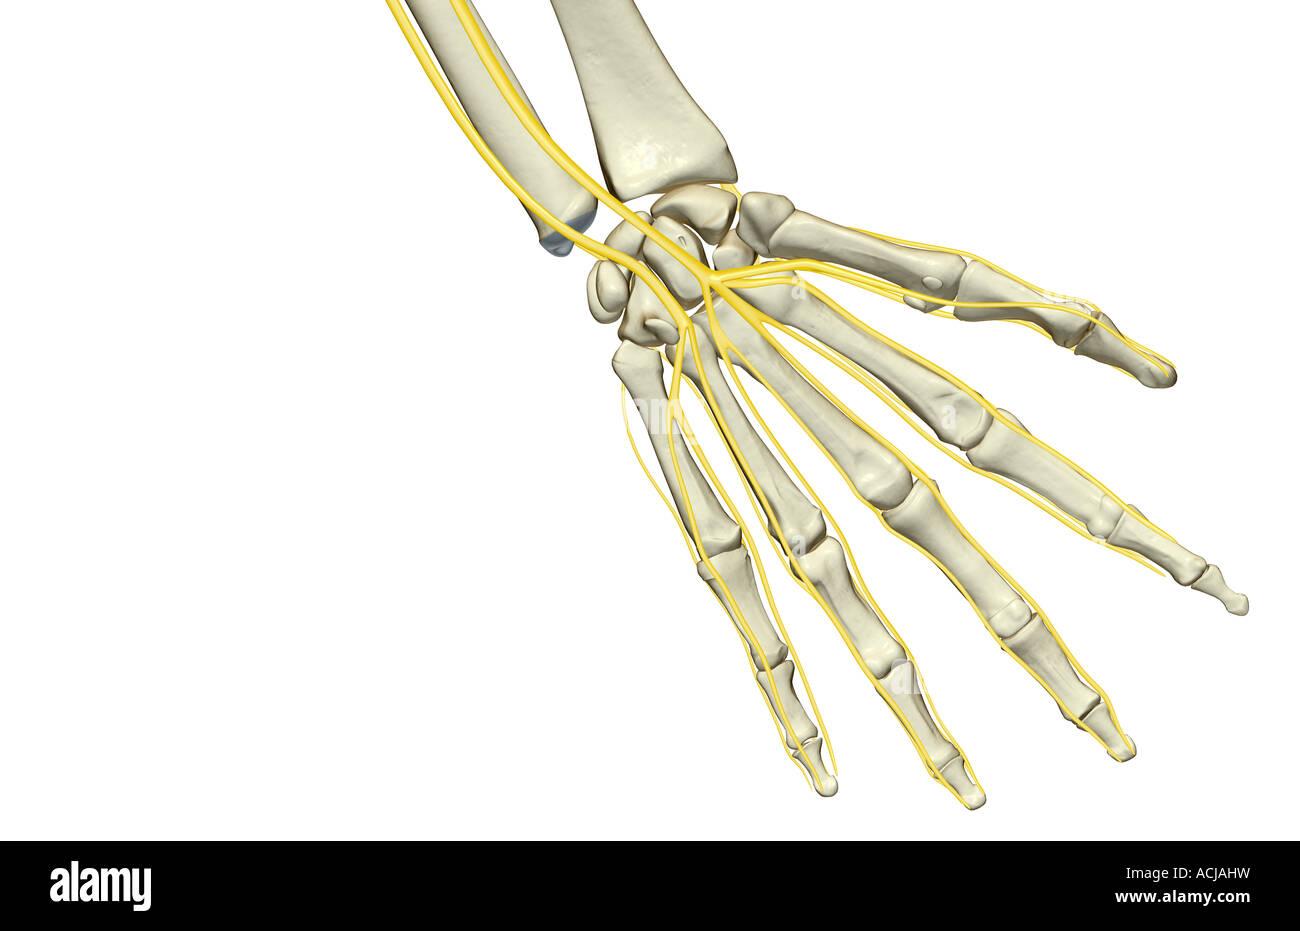 Fantastisch Nerven Der Hand Ideen - Menschliche Anatomie Bilder ...